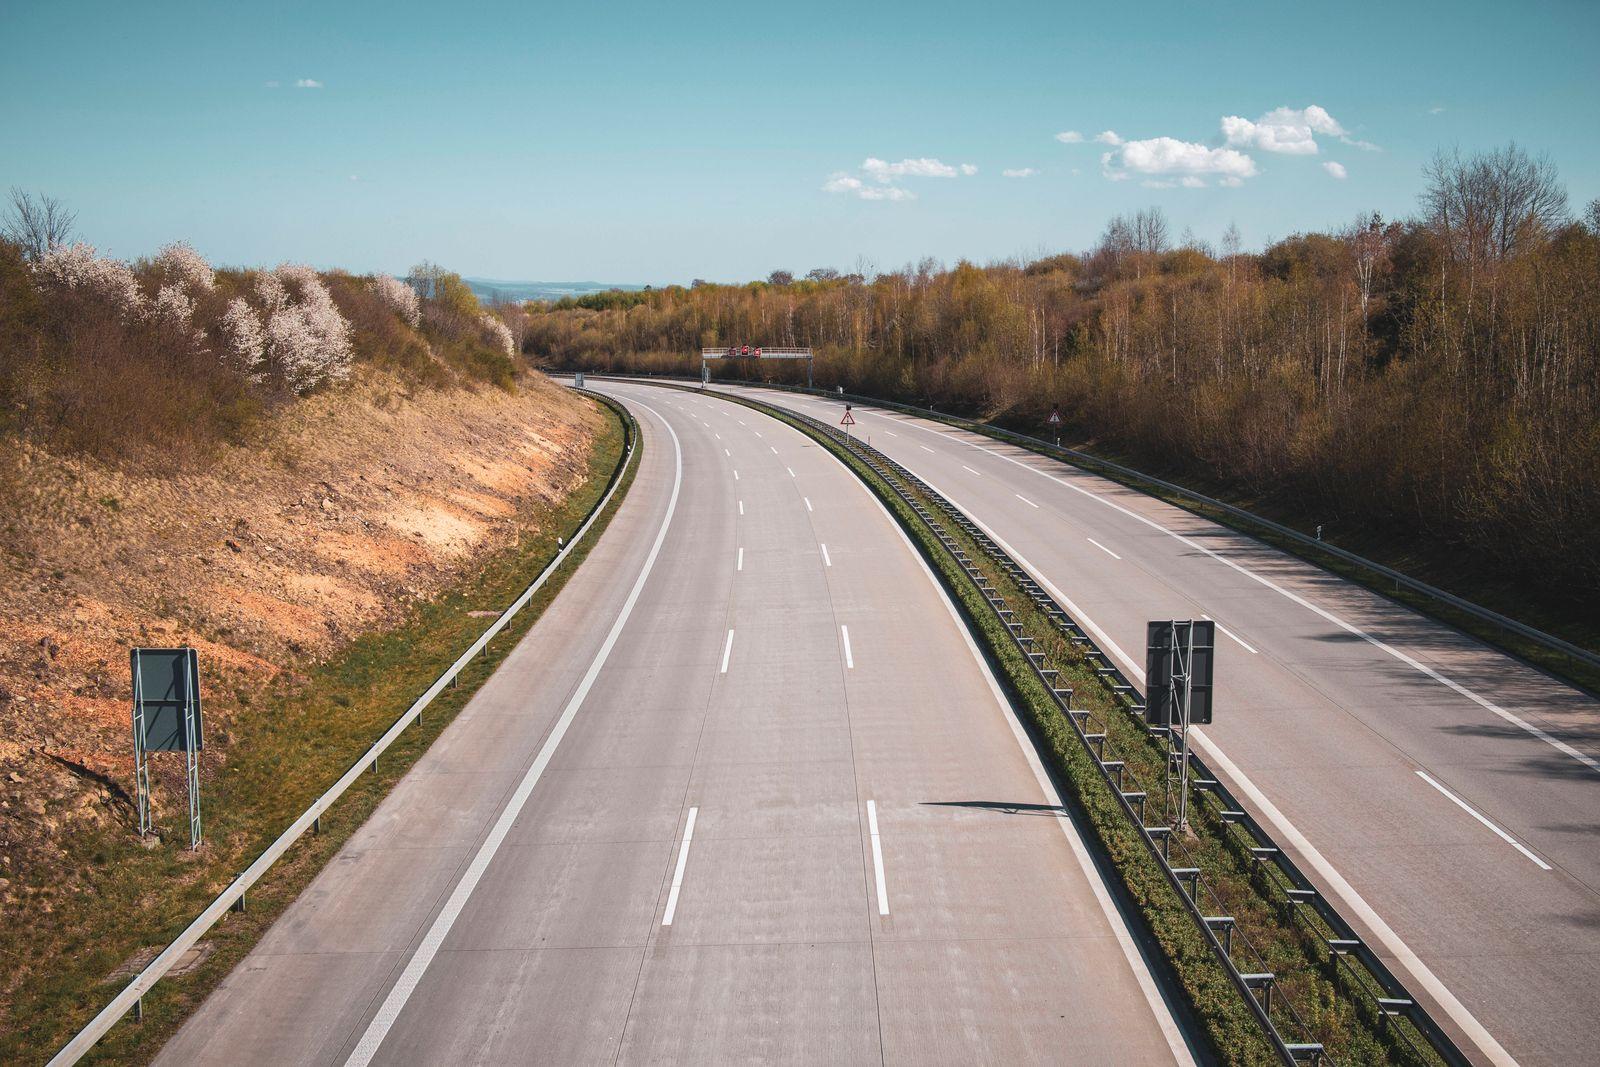 News Bilder des Tages leere Autobahn in Dresden am Ostersonntag während Corona *** empty motorway in Dresden on Easter S